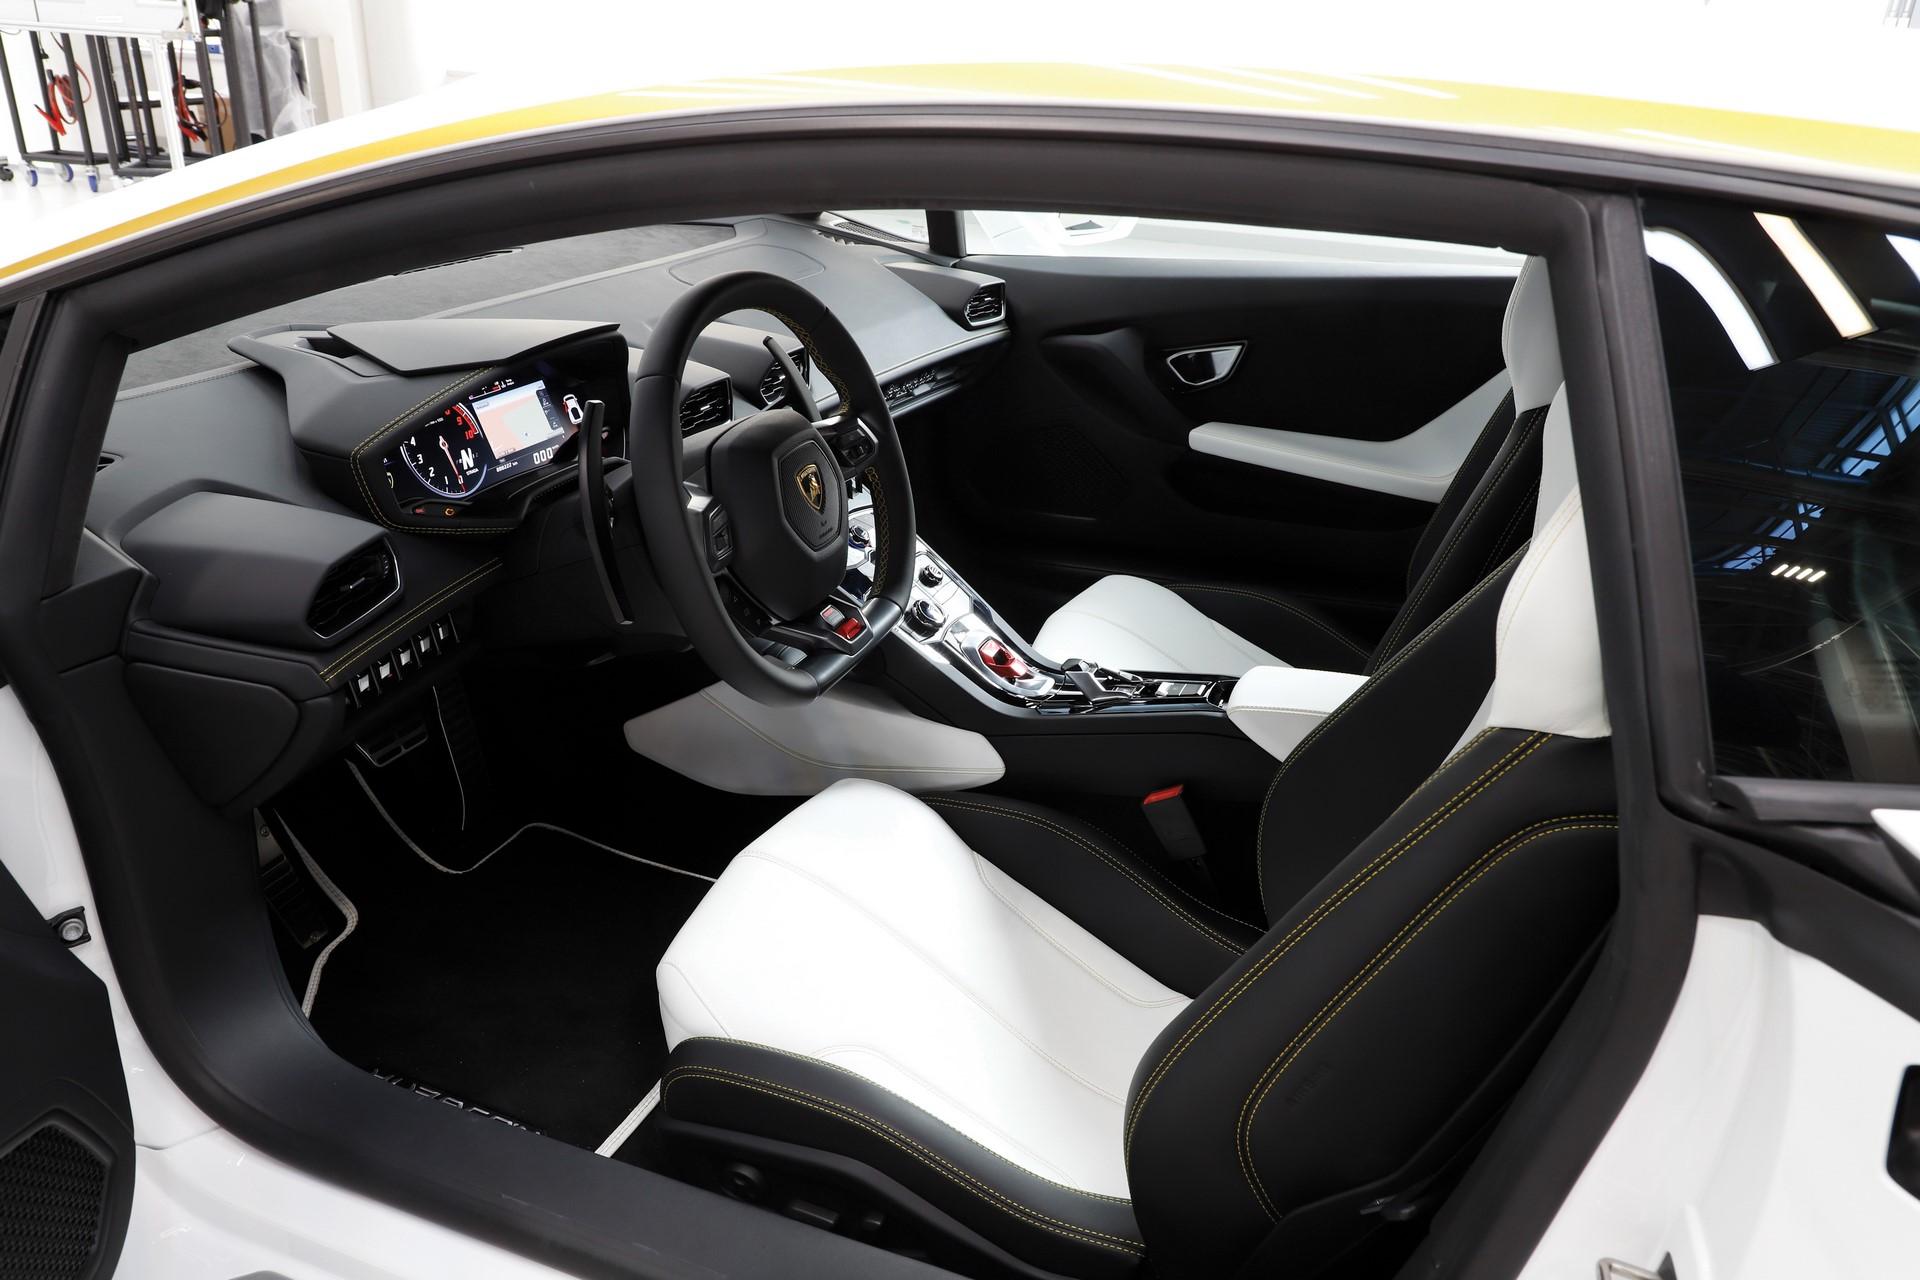 2018-Lamborghini-Huracan-RWD-Coupe_6